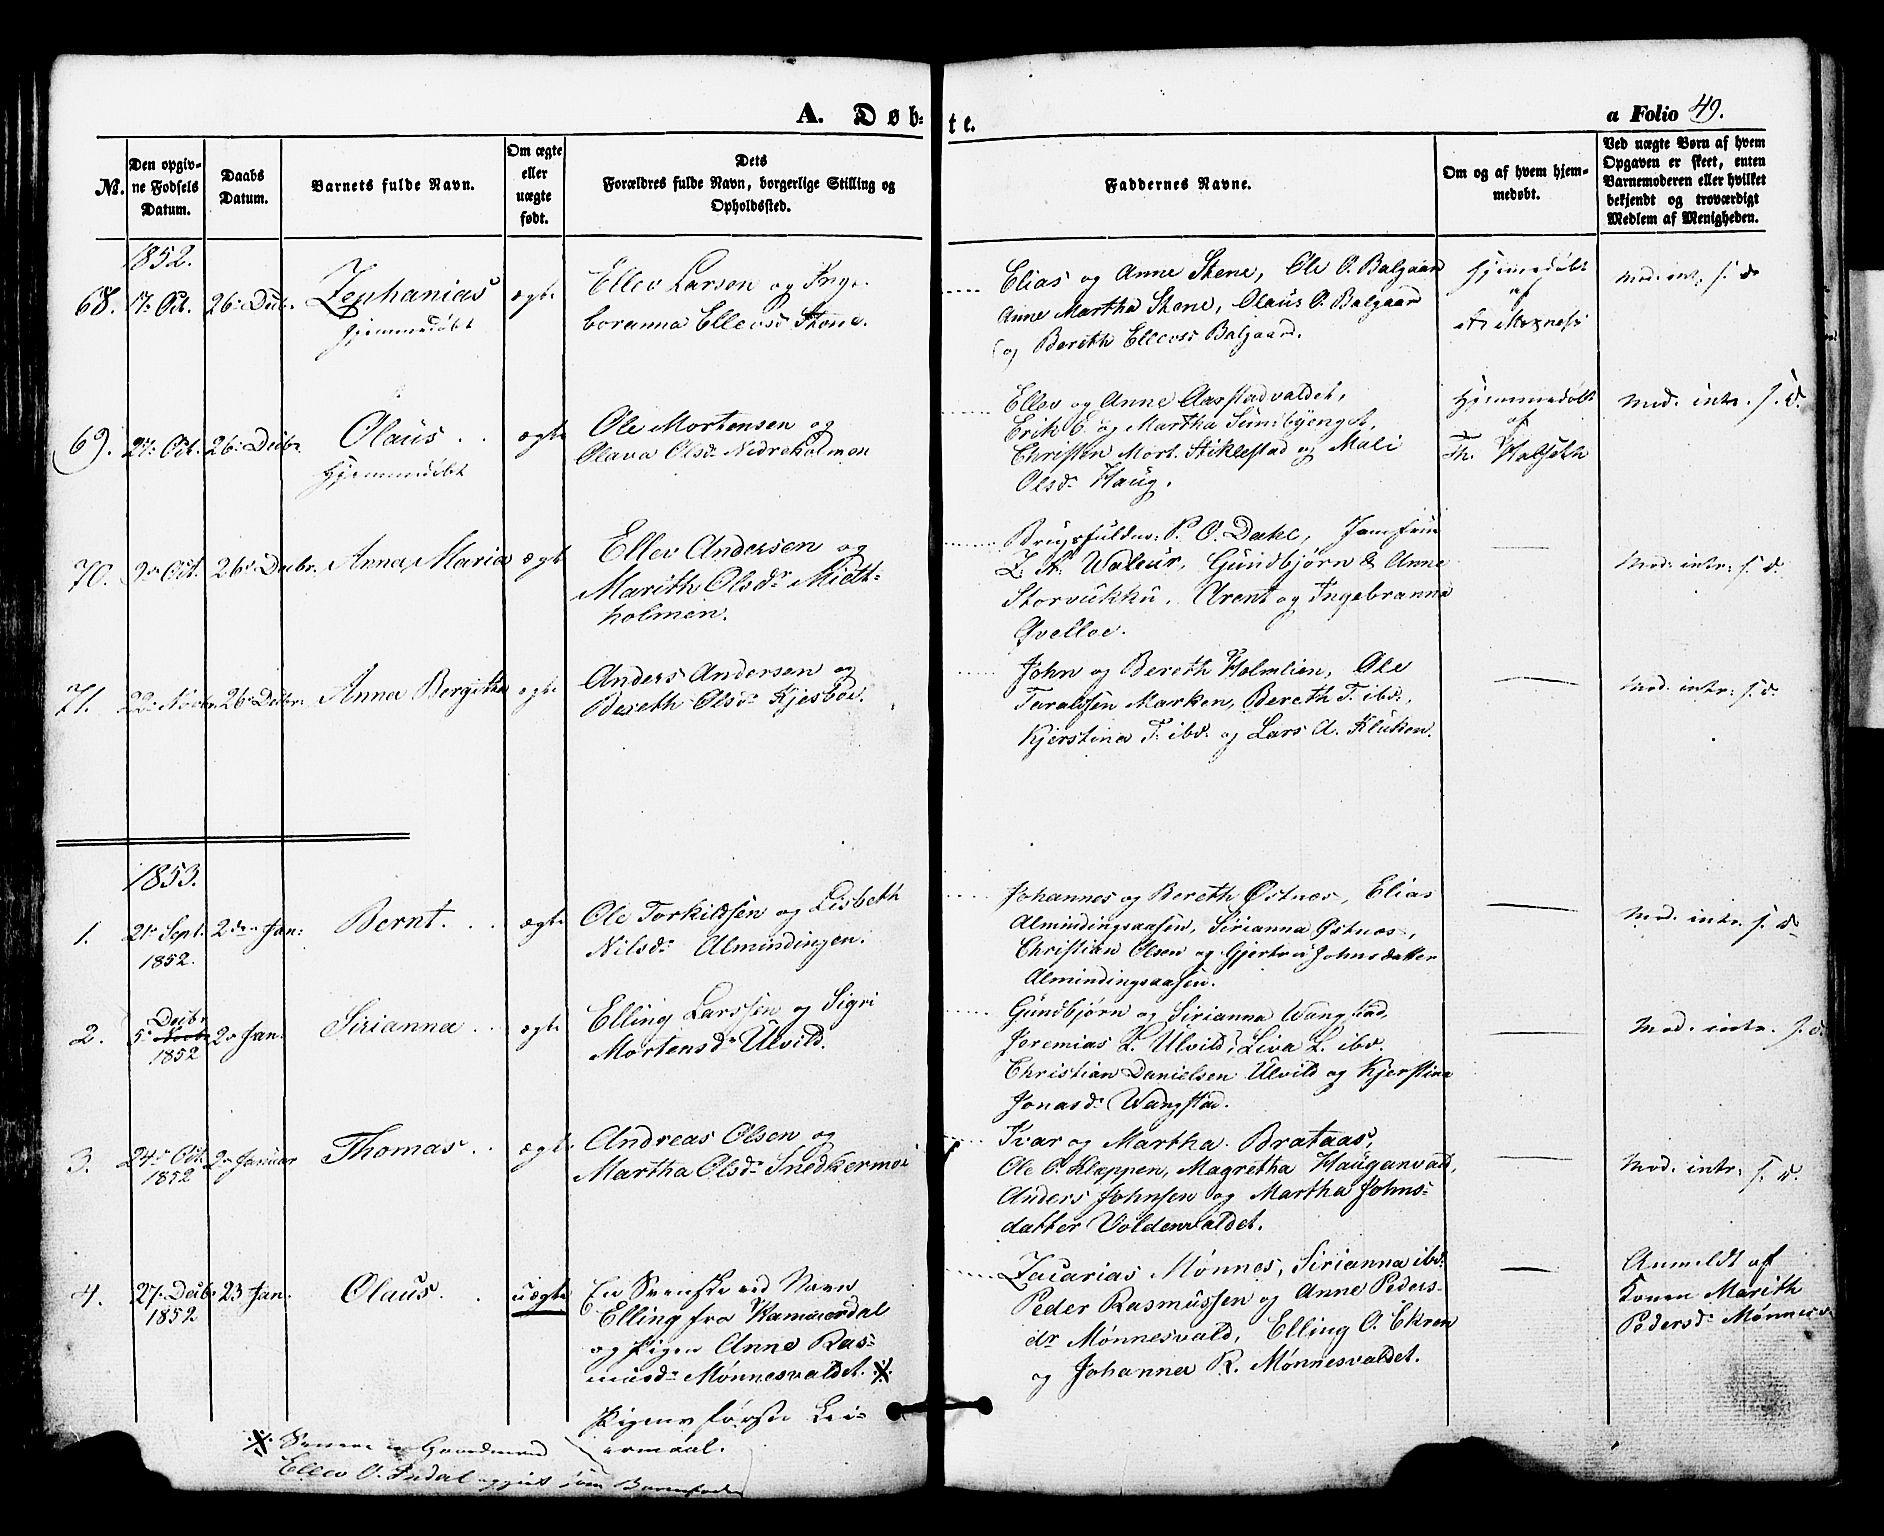 SAT, Ministerialprotokoller, klokkerbøker og fødselsregistre - Nord-Trøndelag, 724/L0268: Klokkerbok nr. 724C04, 1846-1878, s. 49